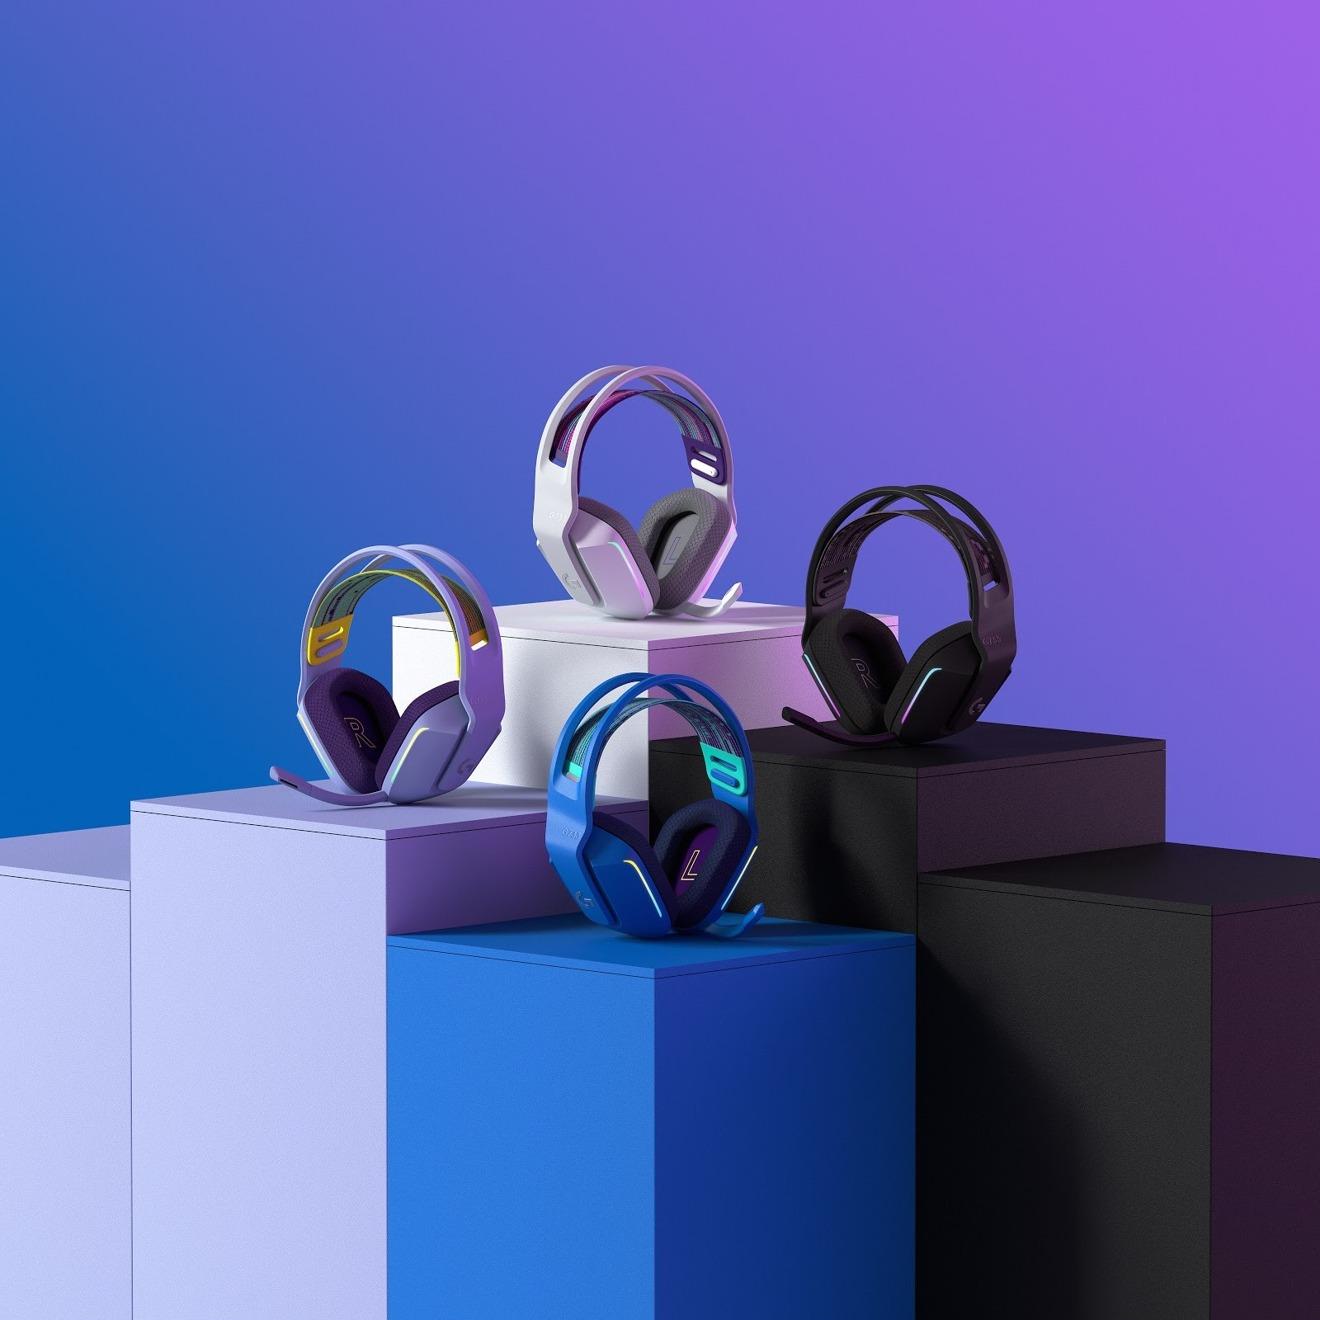 Los nuevos auriculares G733